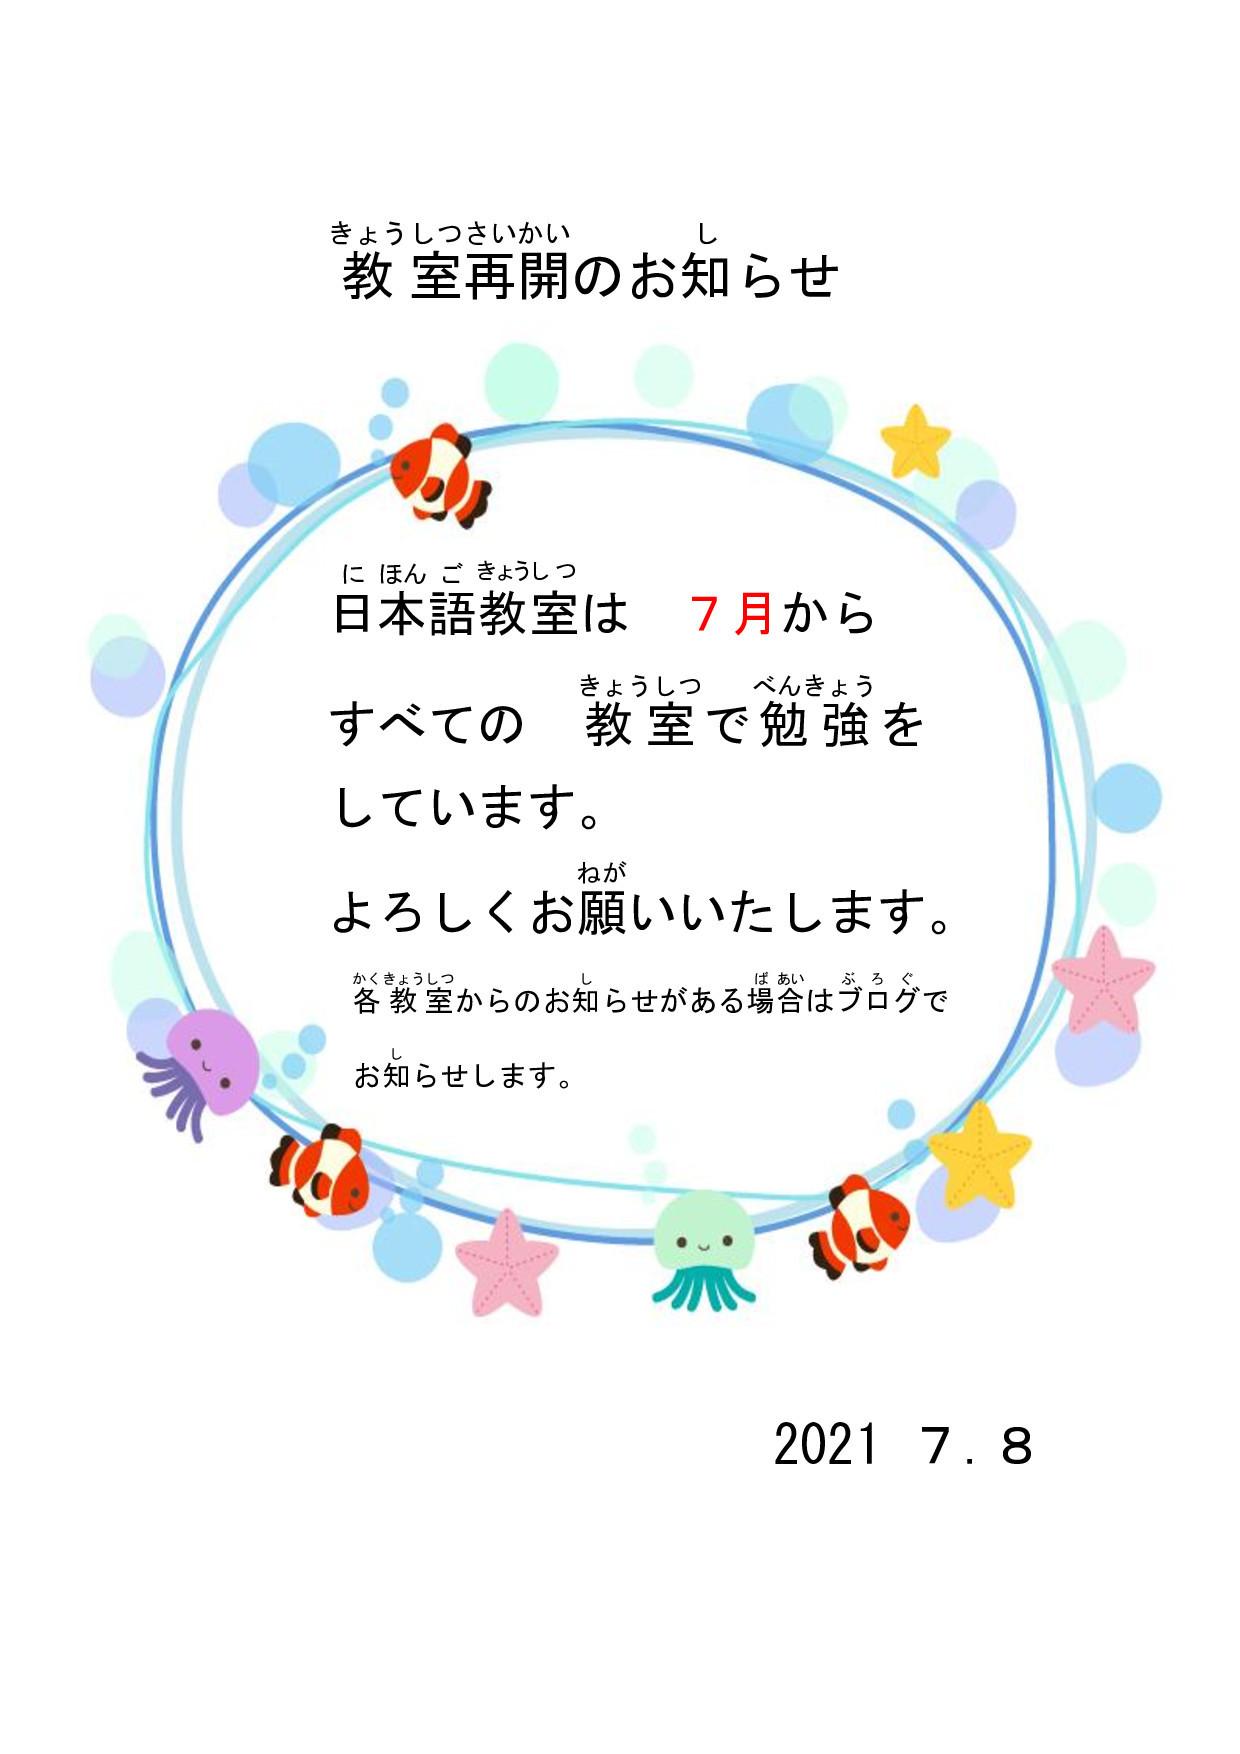 日本語教室再開のお知らせ_e0175020_15302068.jpg